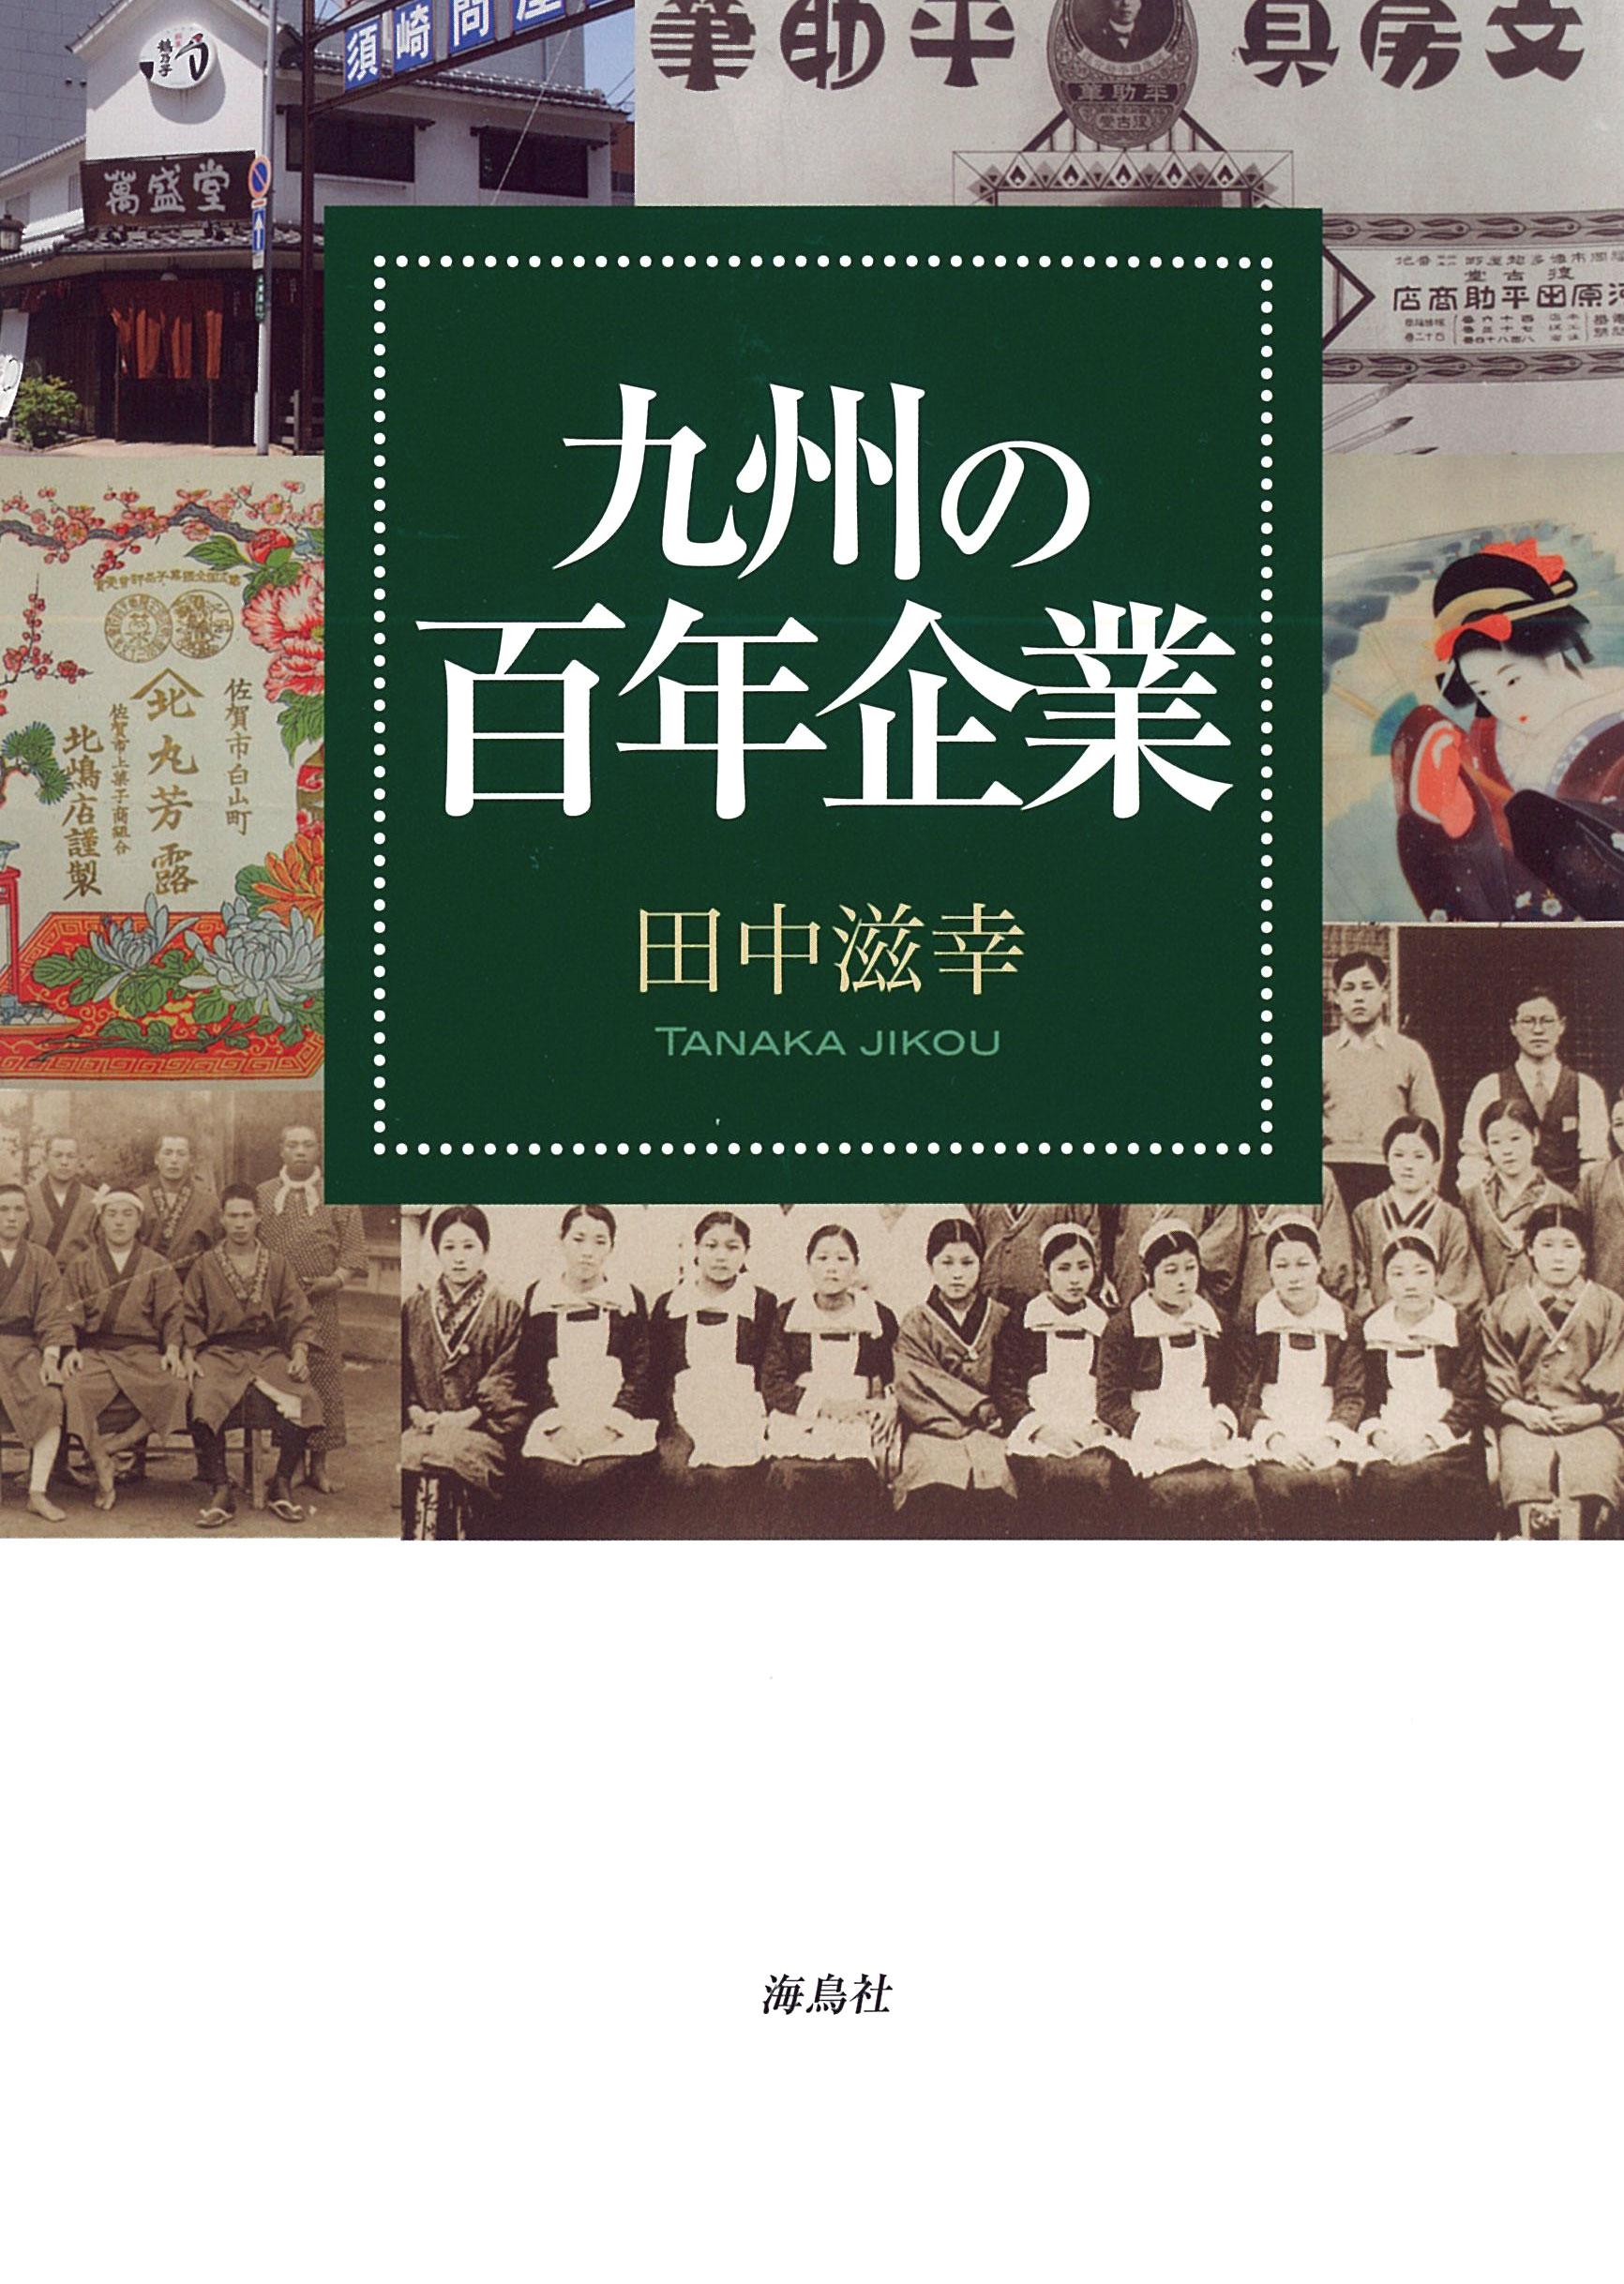 九州の百年企業